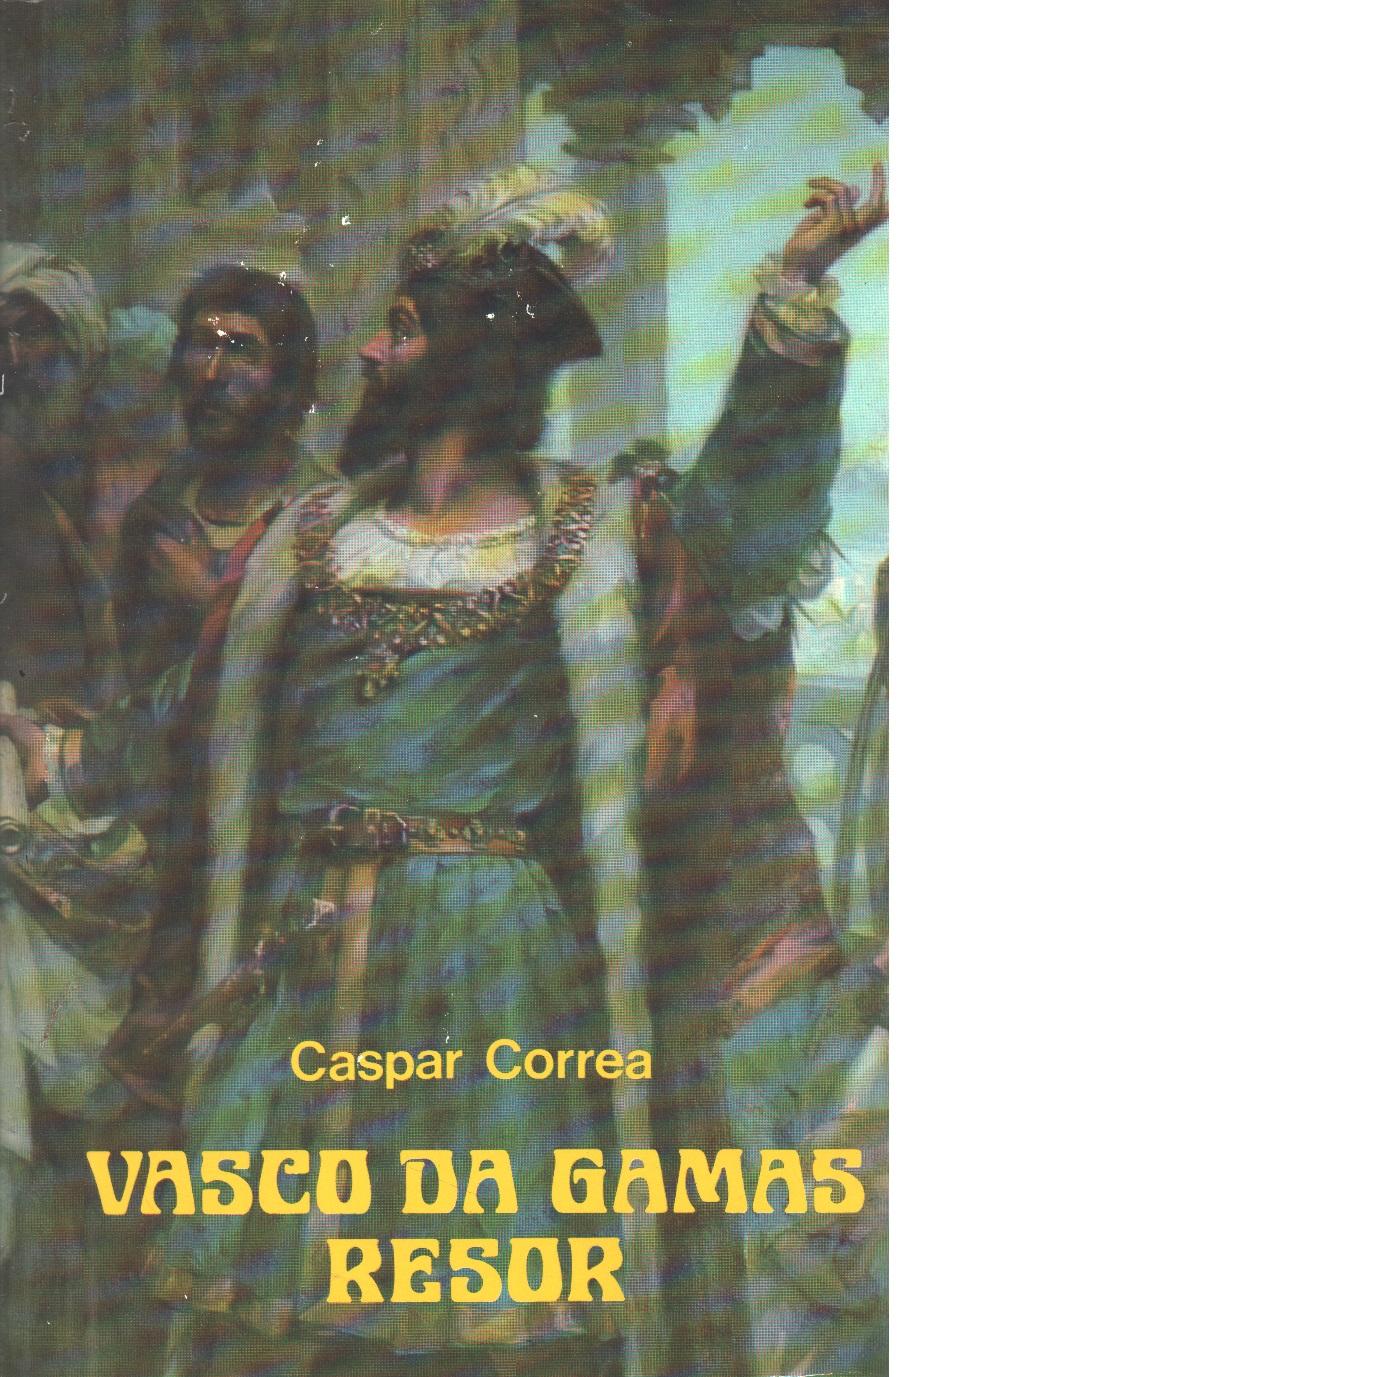 Vasco da Gamas resor - Correa, Gaspar